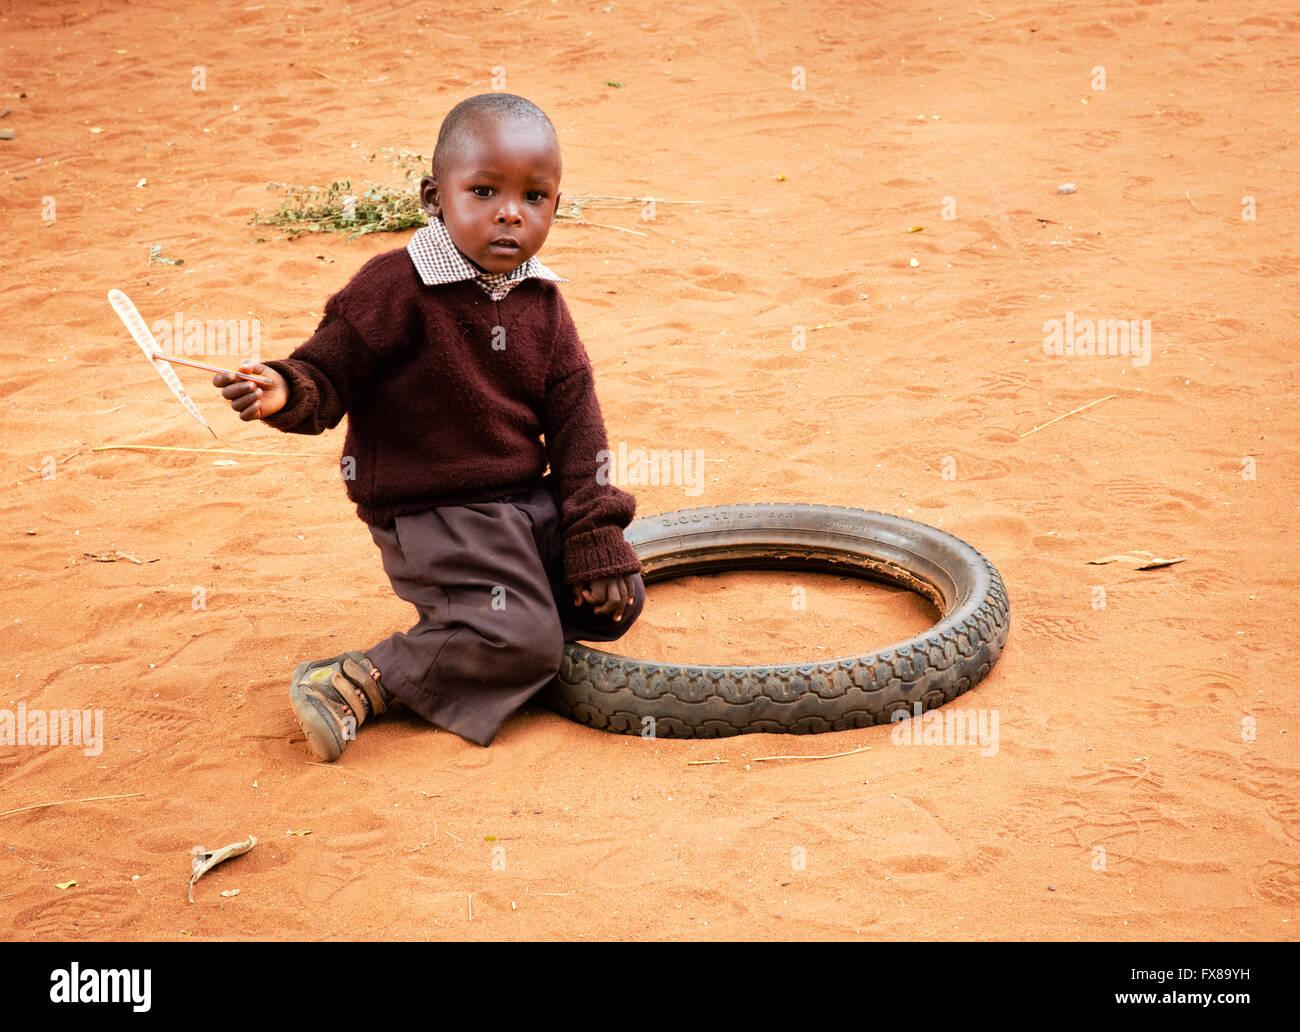 Un jeune écolier jouant avec des jouets de fortune d'un bâton et de l'hélice un vieux pneu Photo Stock